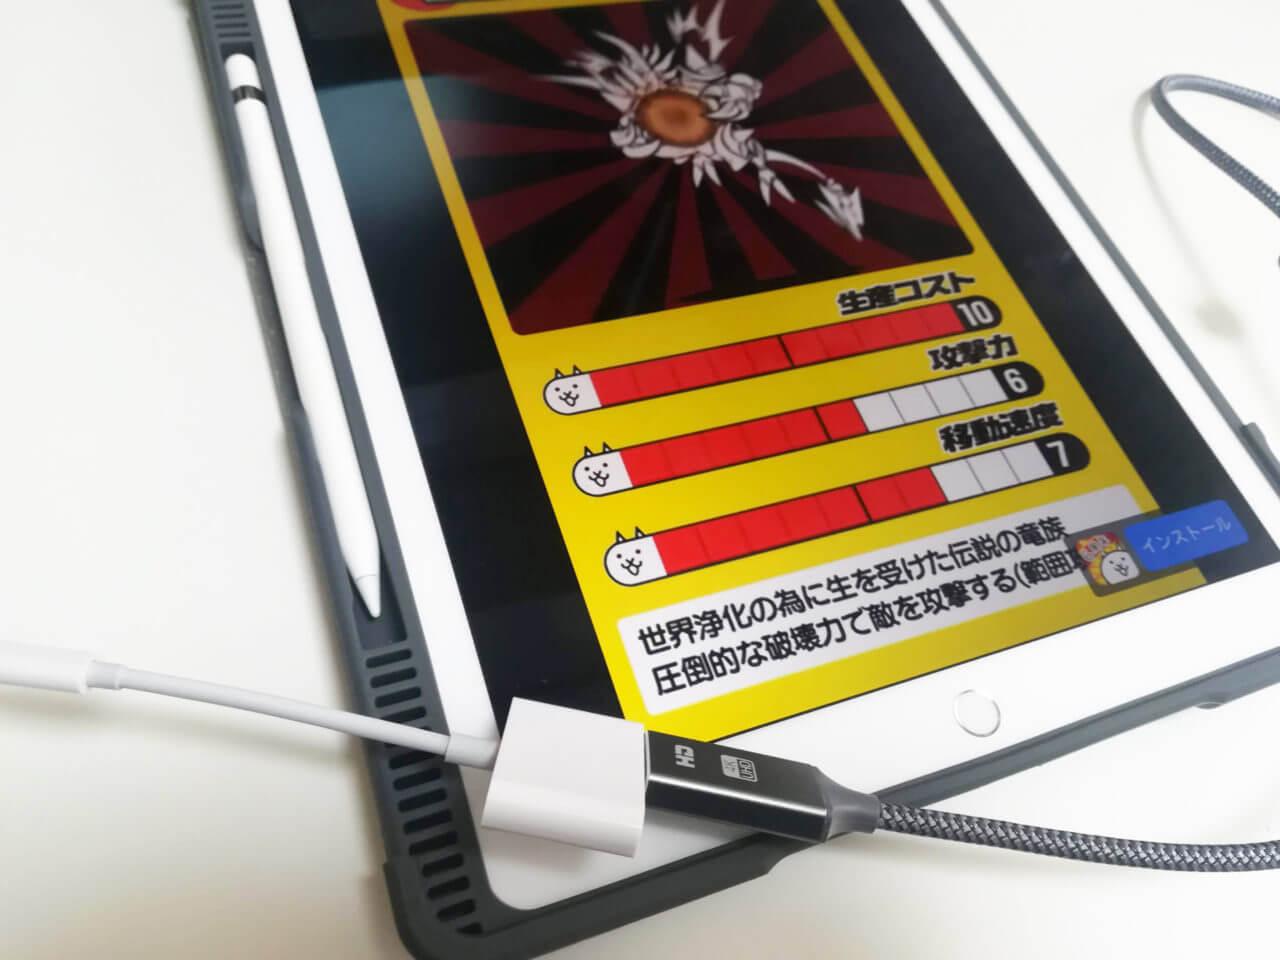 スマホ・IpadとHDMI変換ケーブル